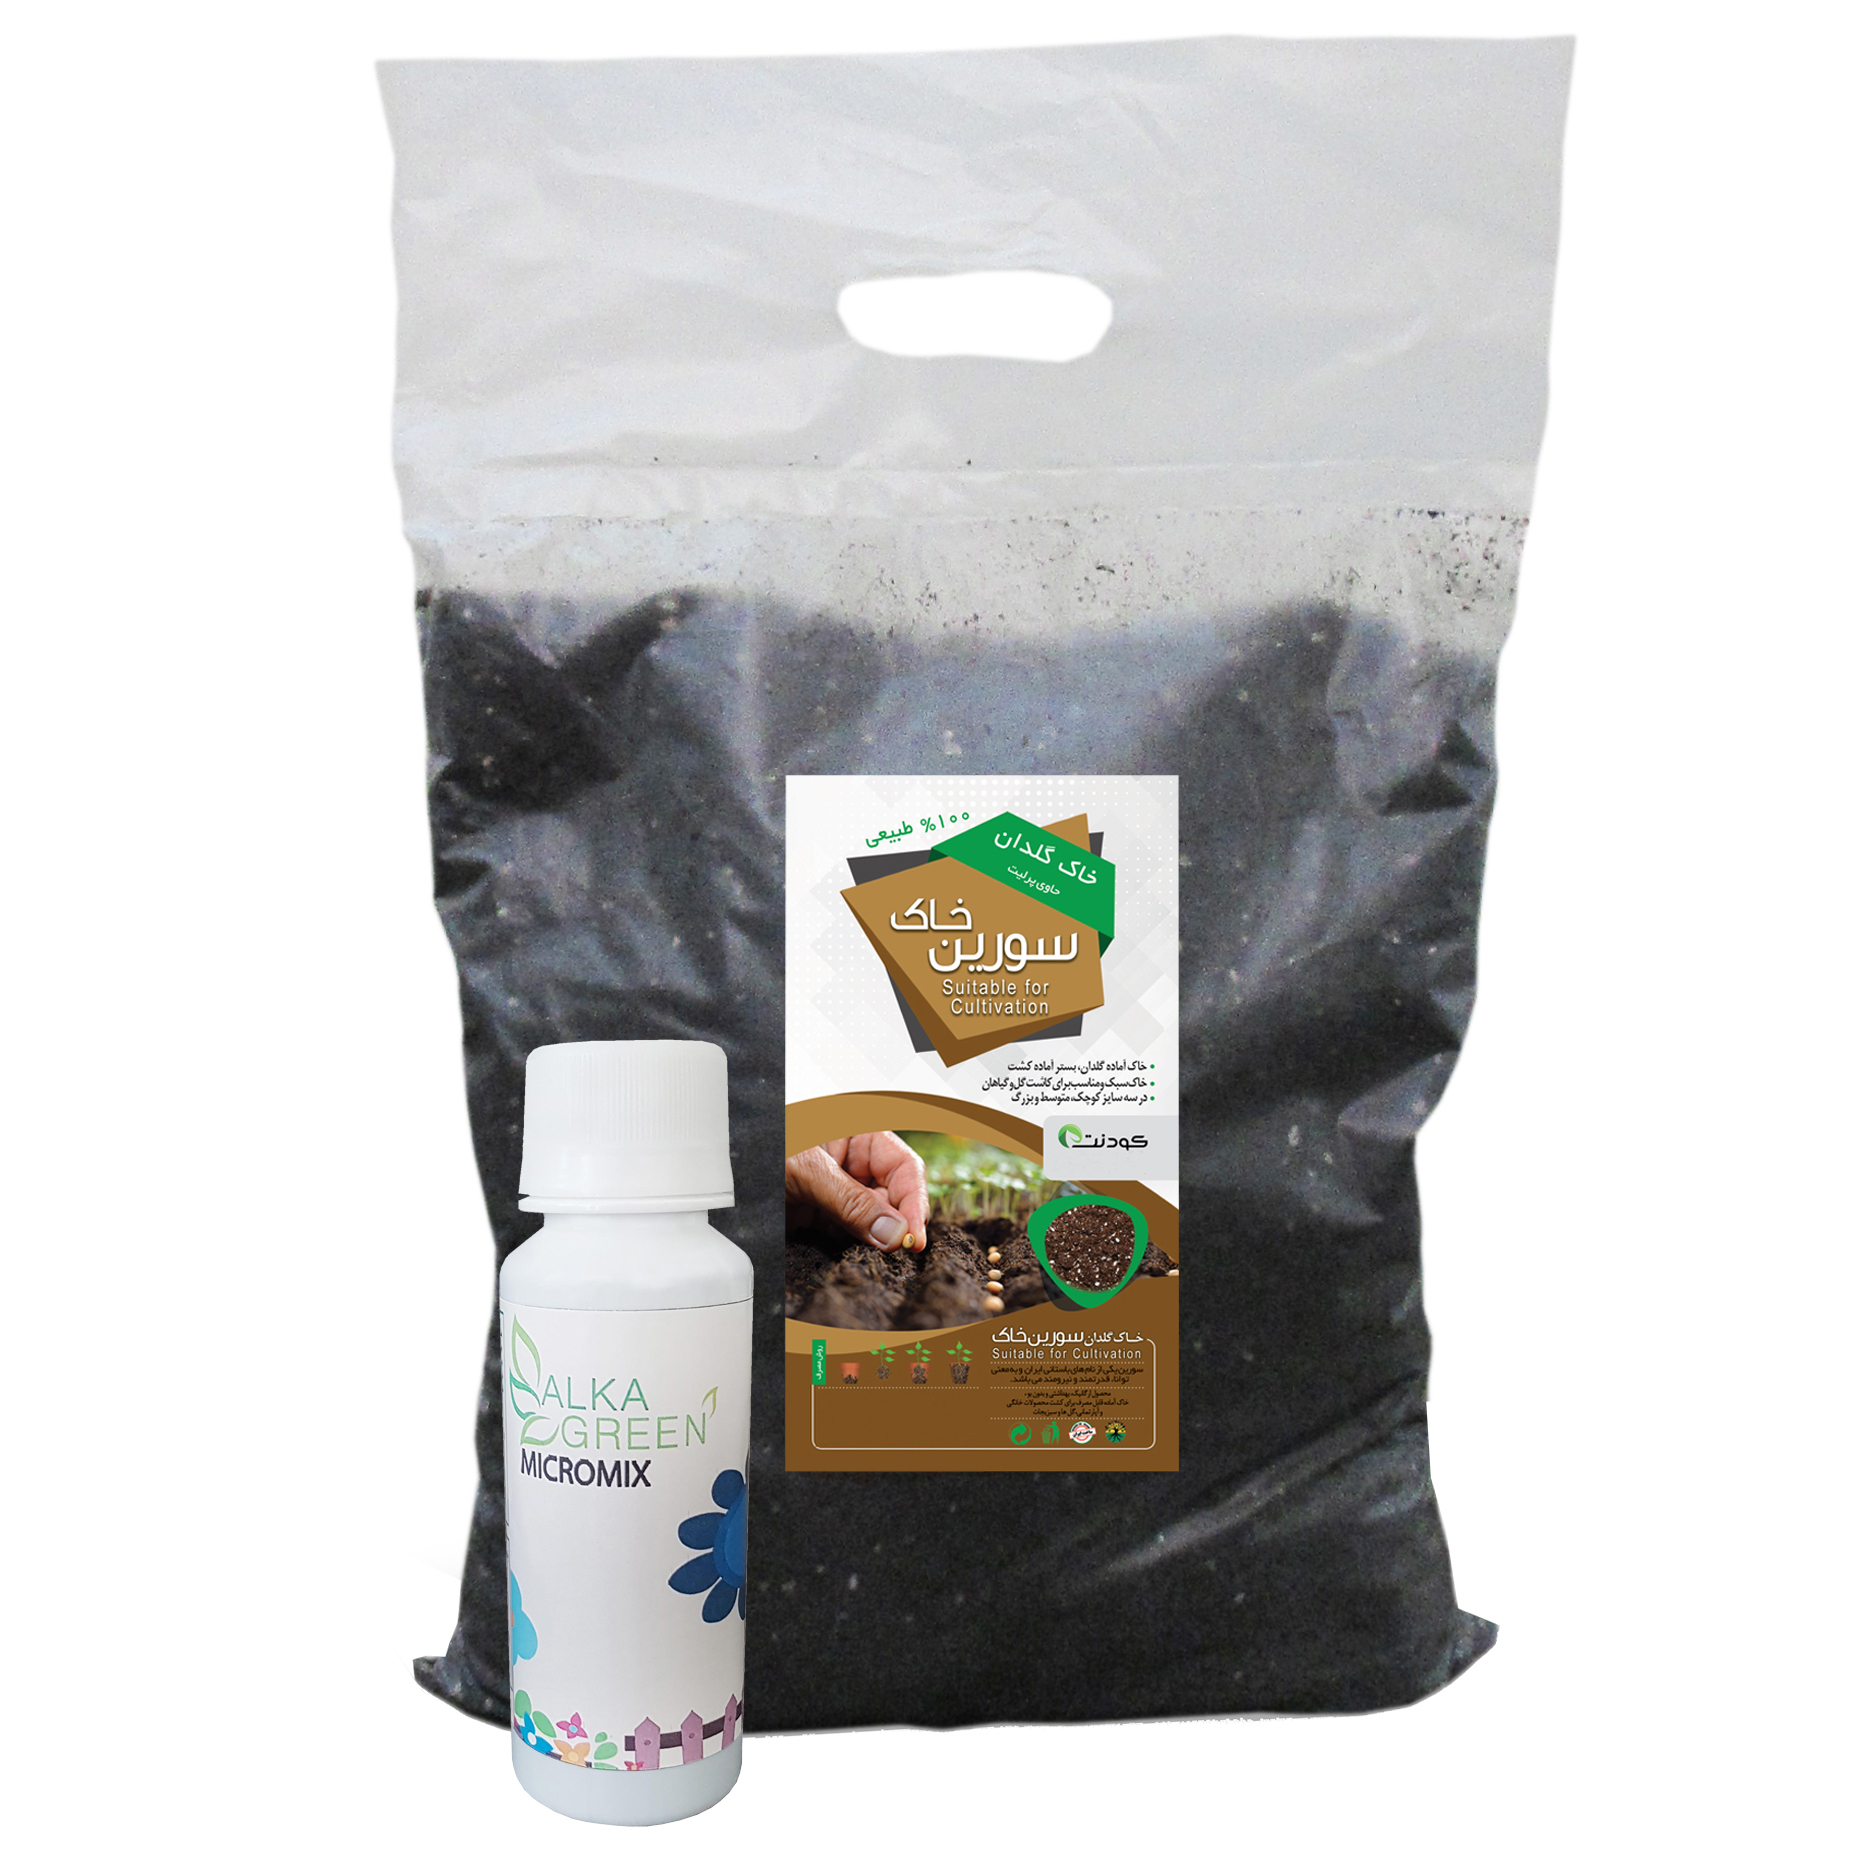 خاک گلدان سورین خاک وزن 5 کیلوگرم و کود مایع آلکاگرین مدل Micromix حجم 100 میلی لیتر